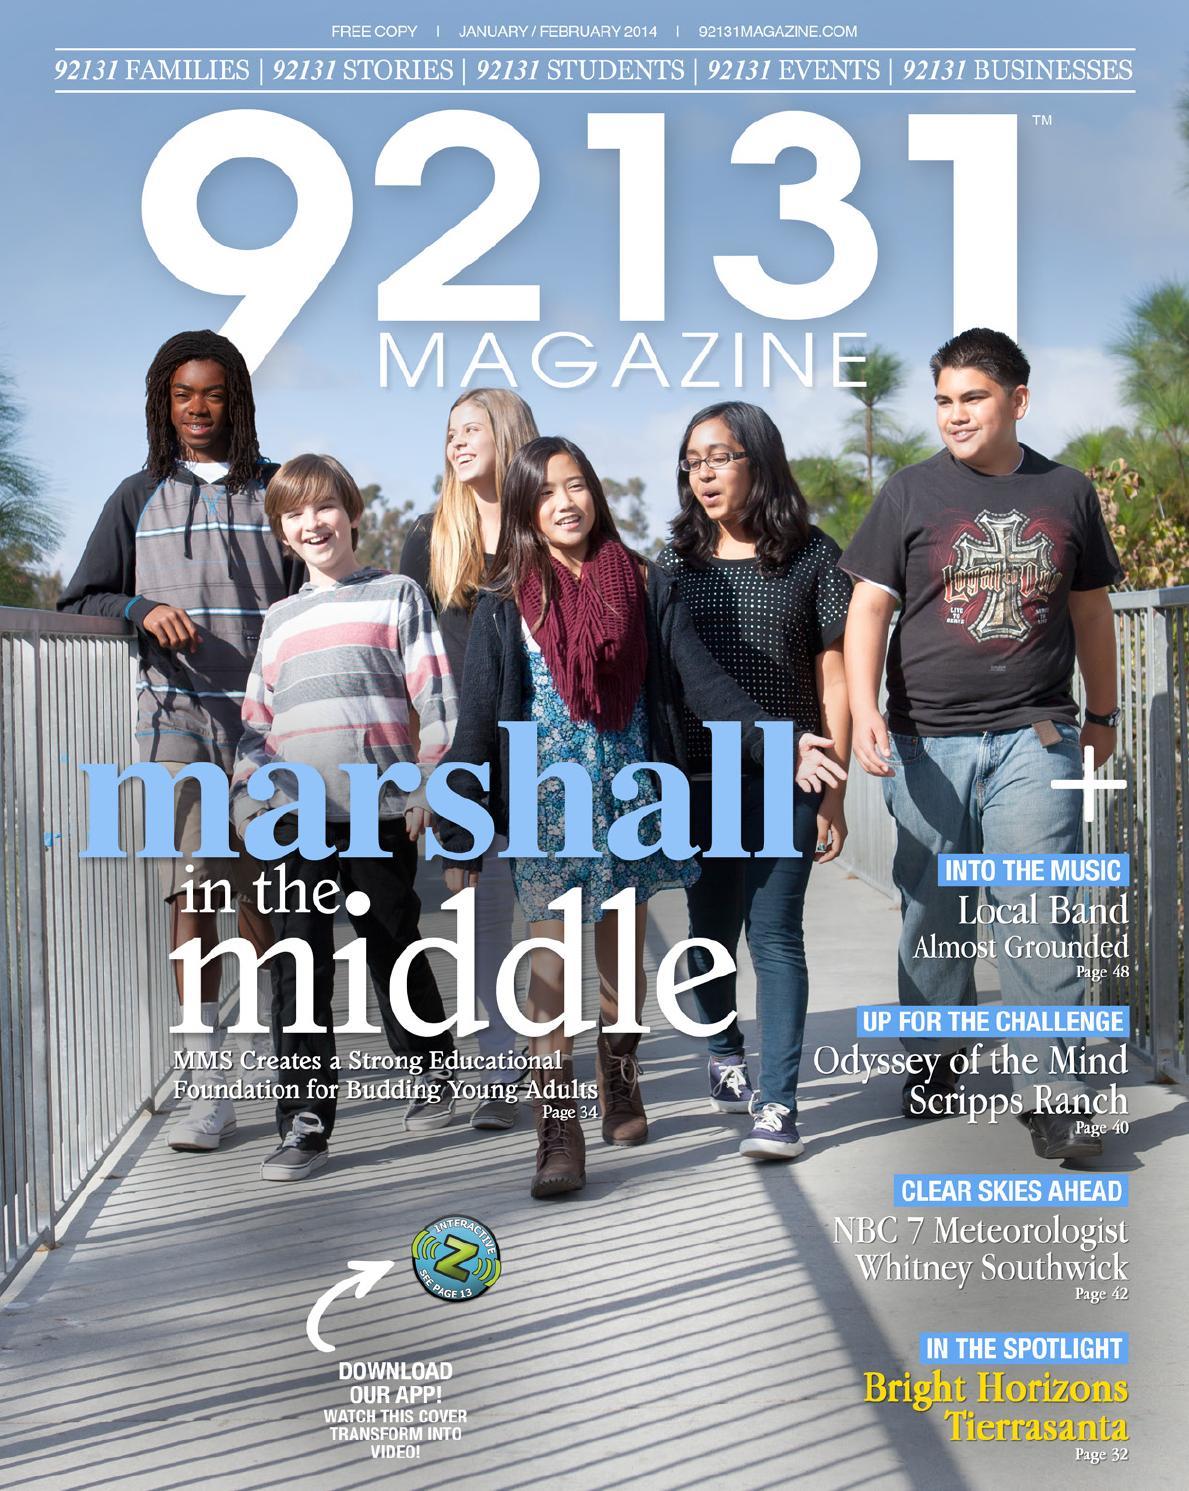 92131 Magazine - January/February 2014 by ZCode Magazines